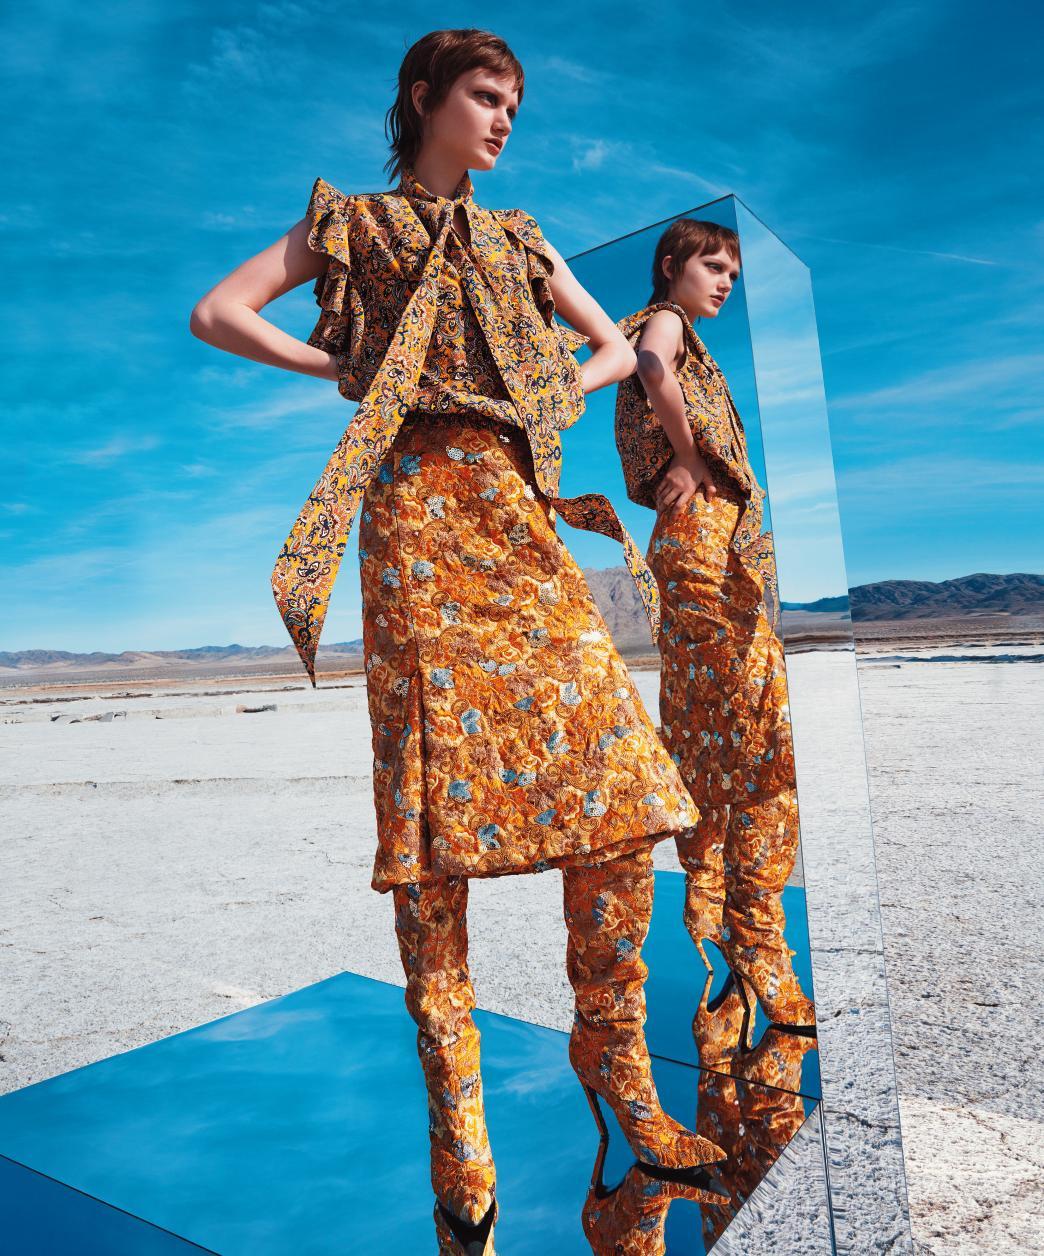 톱, 스커트, 부츠는 모두 Balenciaga 제품.